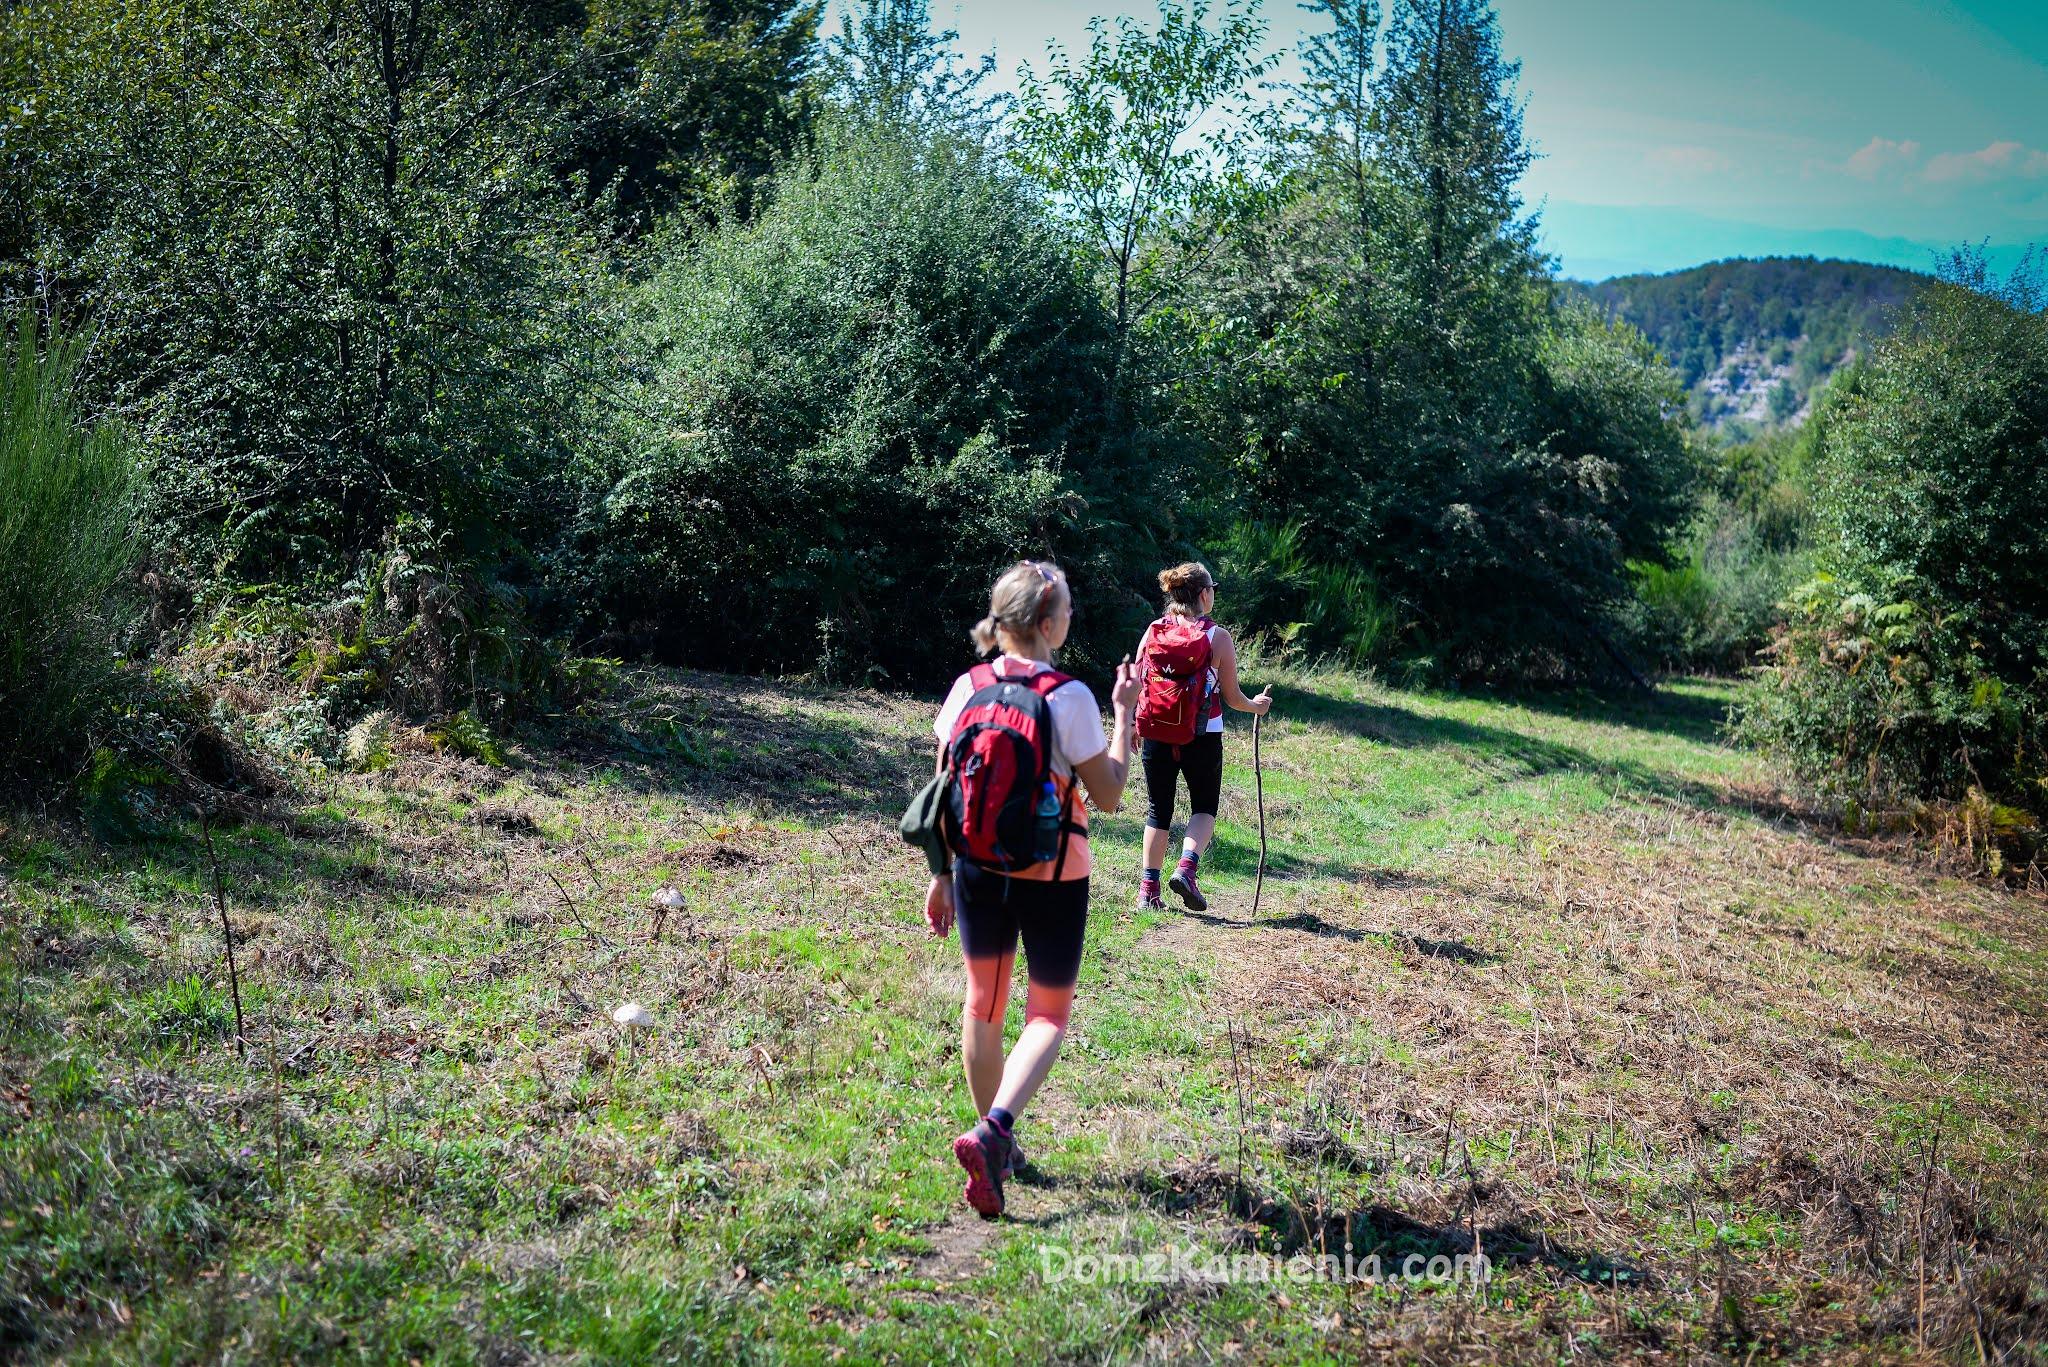 Trekking Dom z Kamienia, Femmina Morta